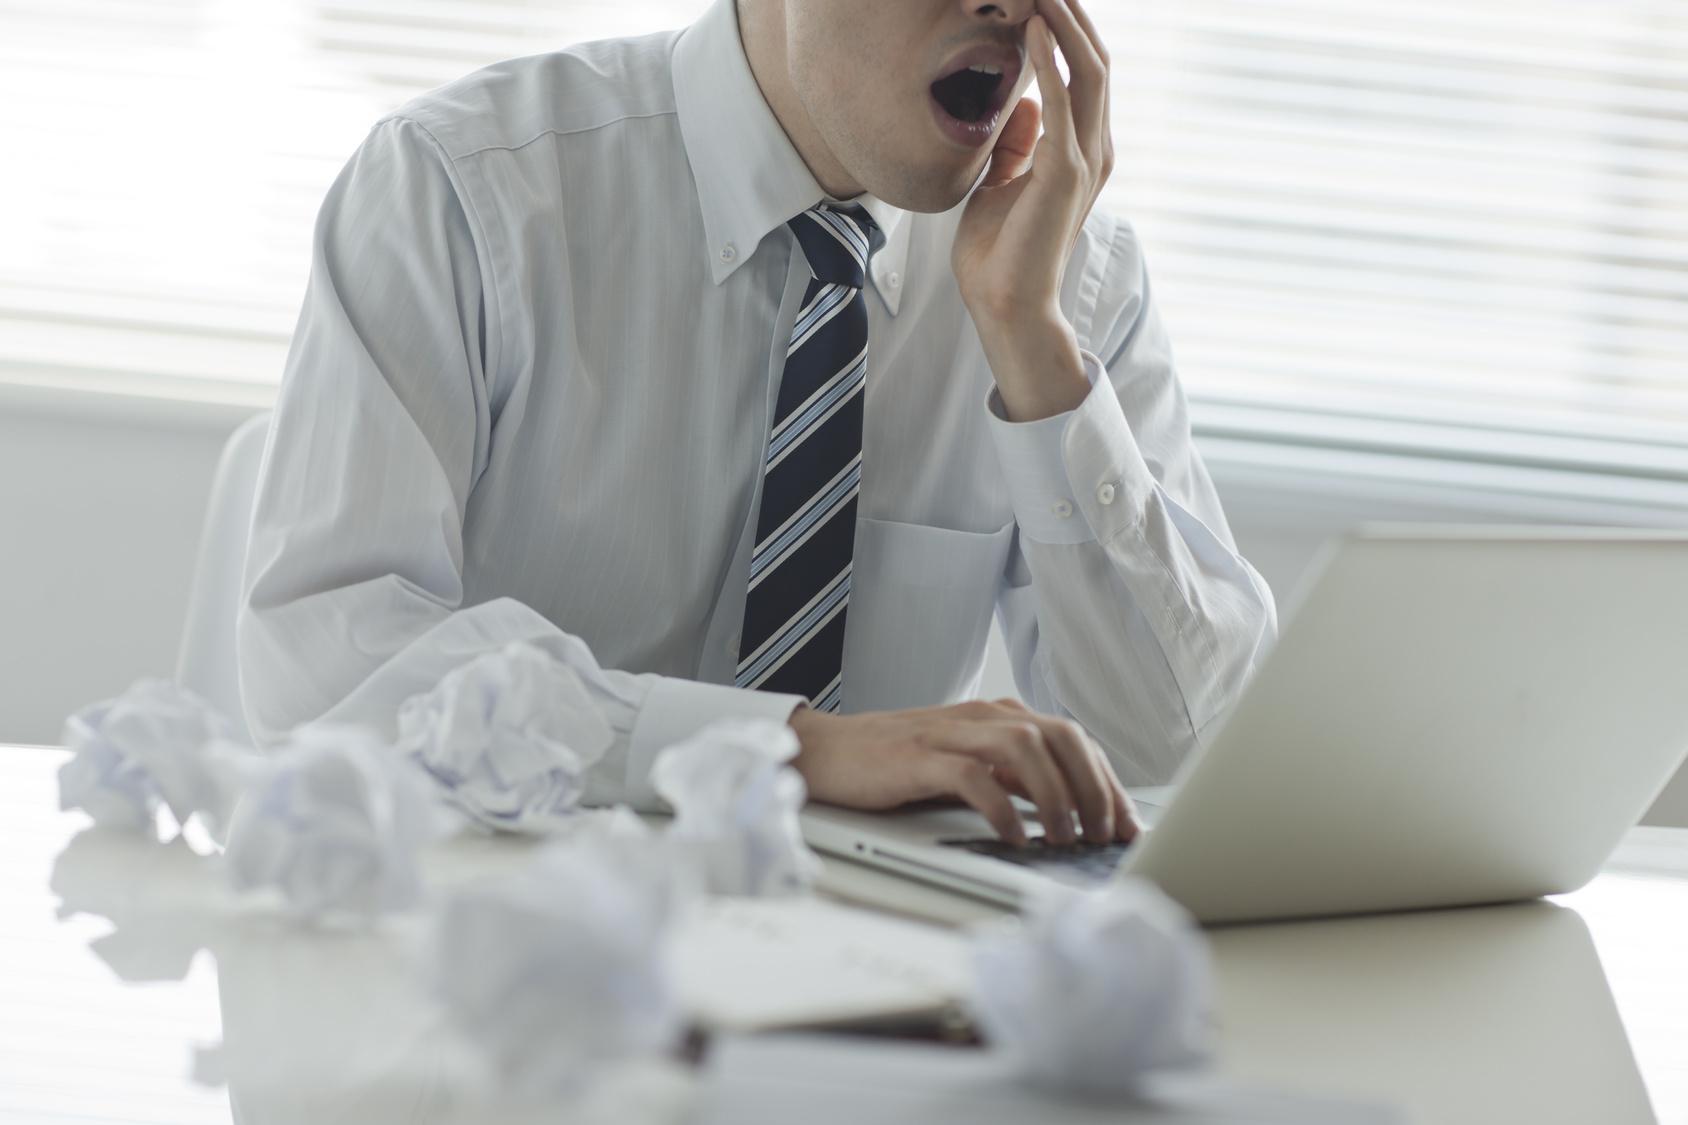 仕事を効率化しても、残業は減らない。キーワードは「脱・習慣」